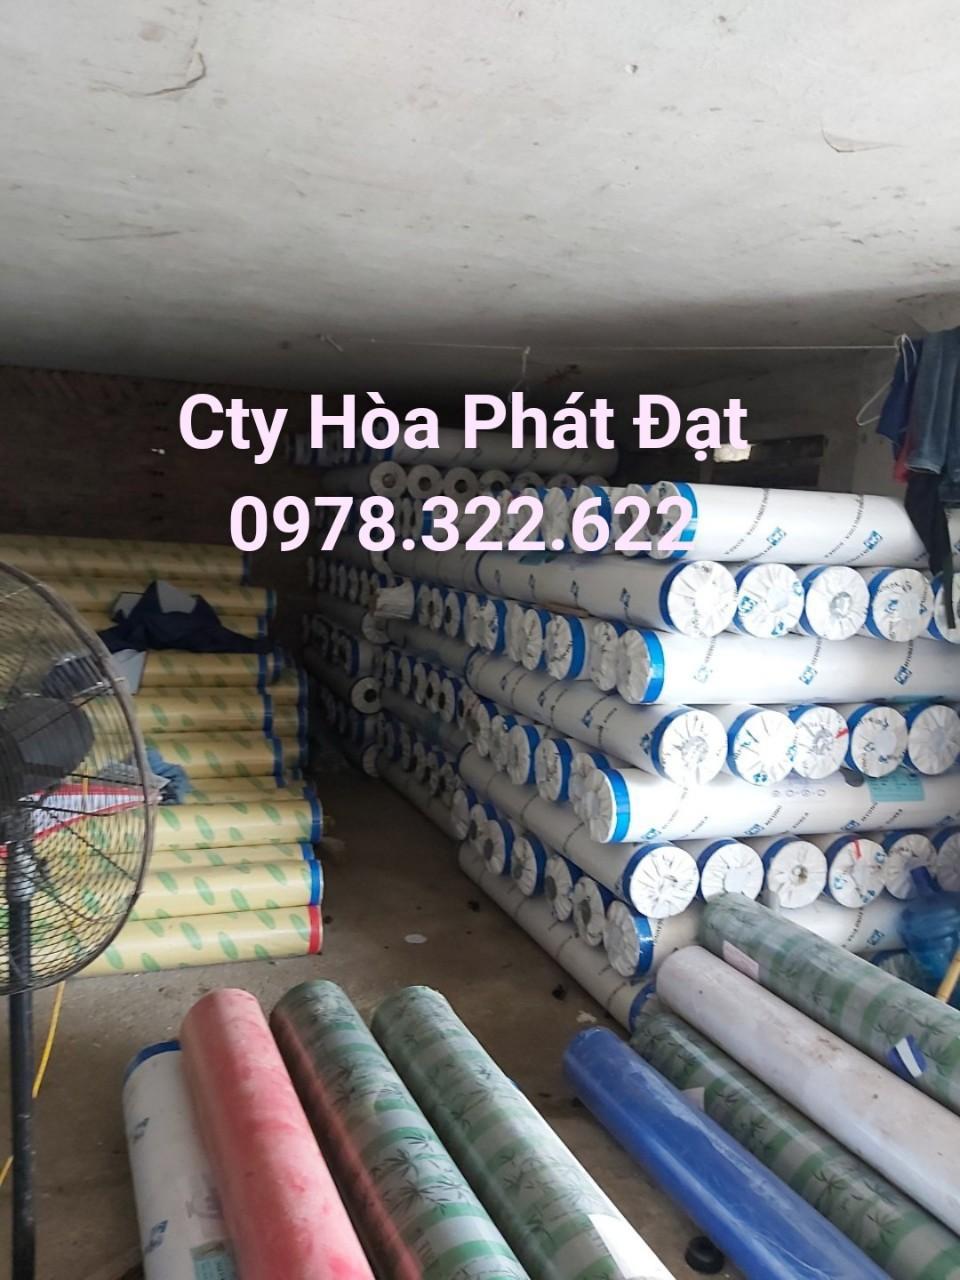 Chuyên cung cấp nhận in may ép vải bạt mái hiên mái xếp theo yêu cầu, gia công thay bạt mái che tại bắc giang